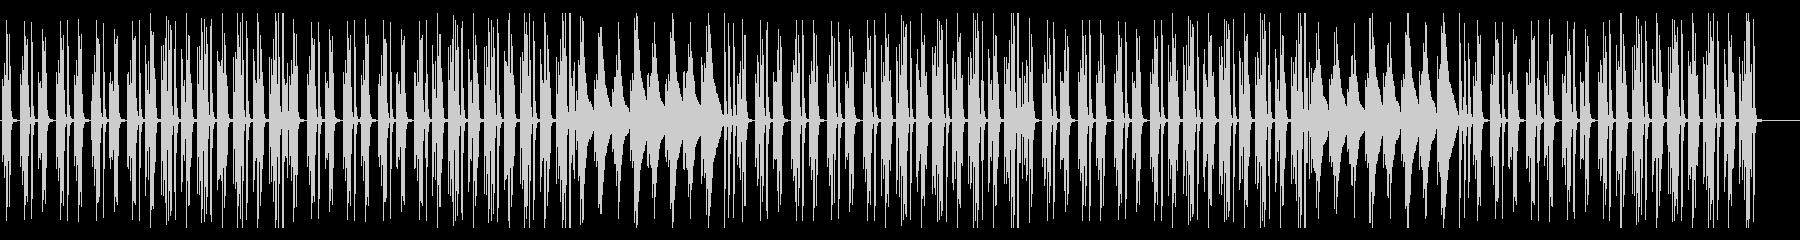 ほのぼのアニメ系の日常BGMの未再生の波形